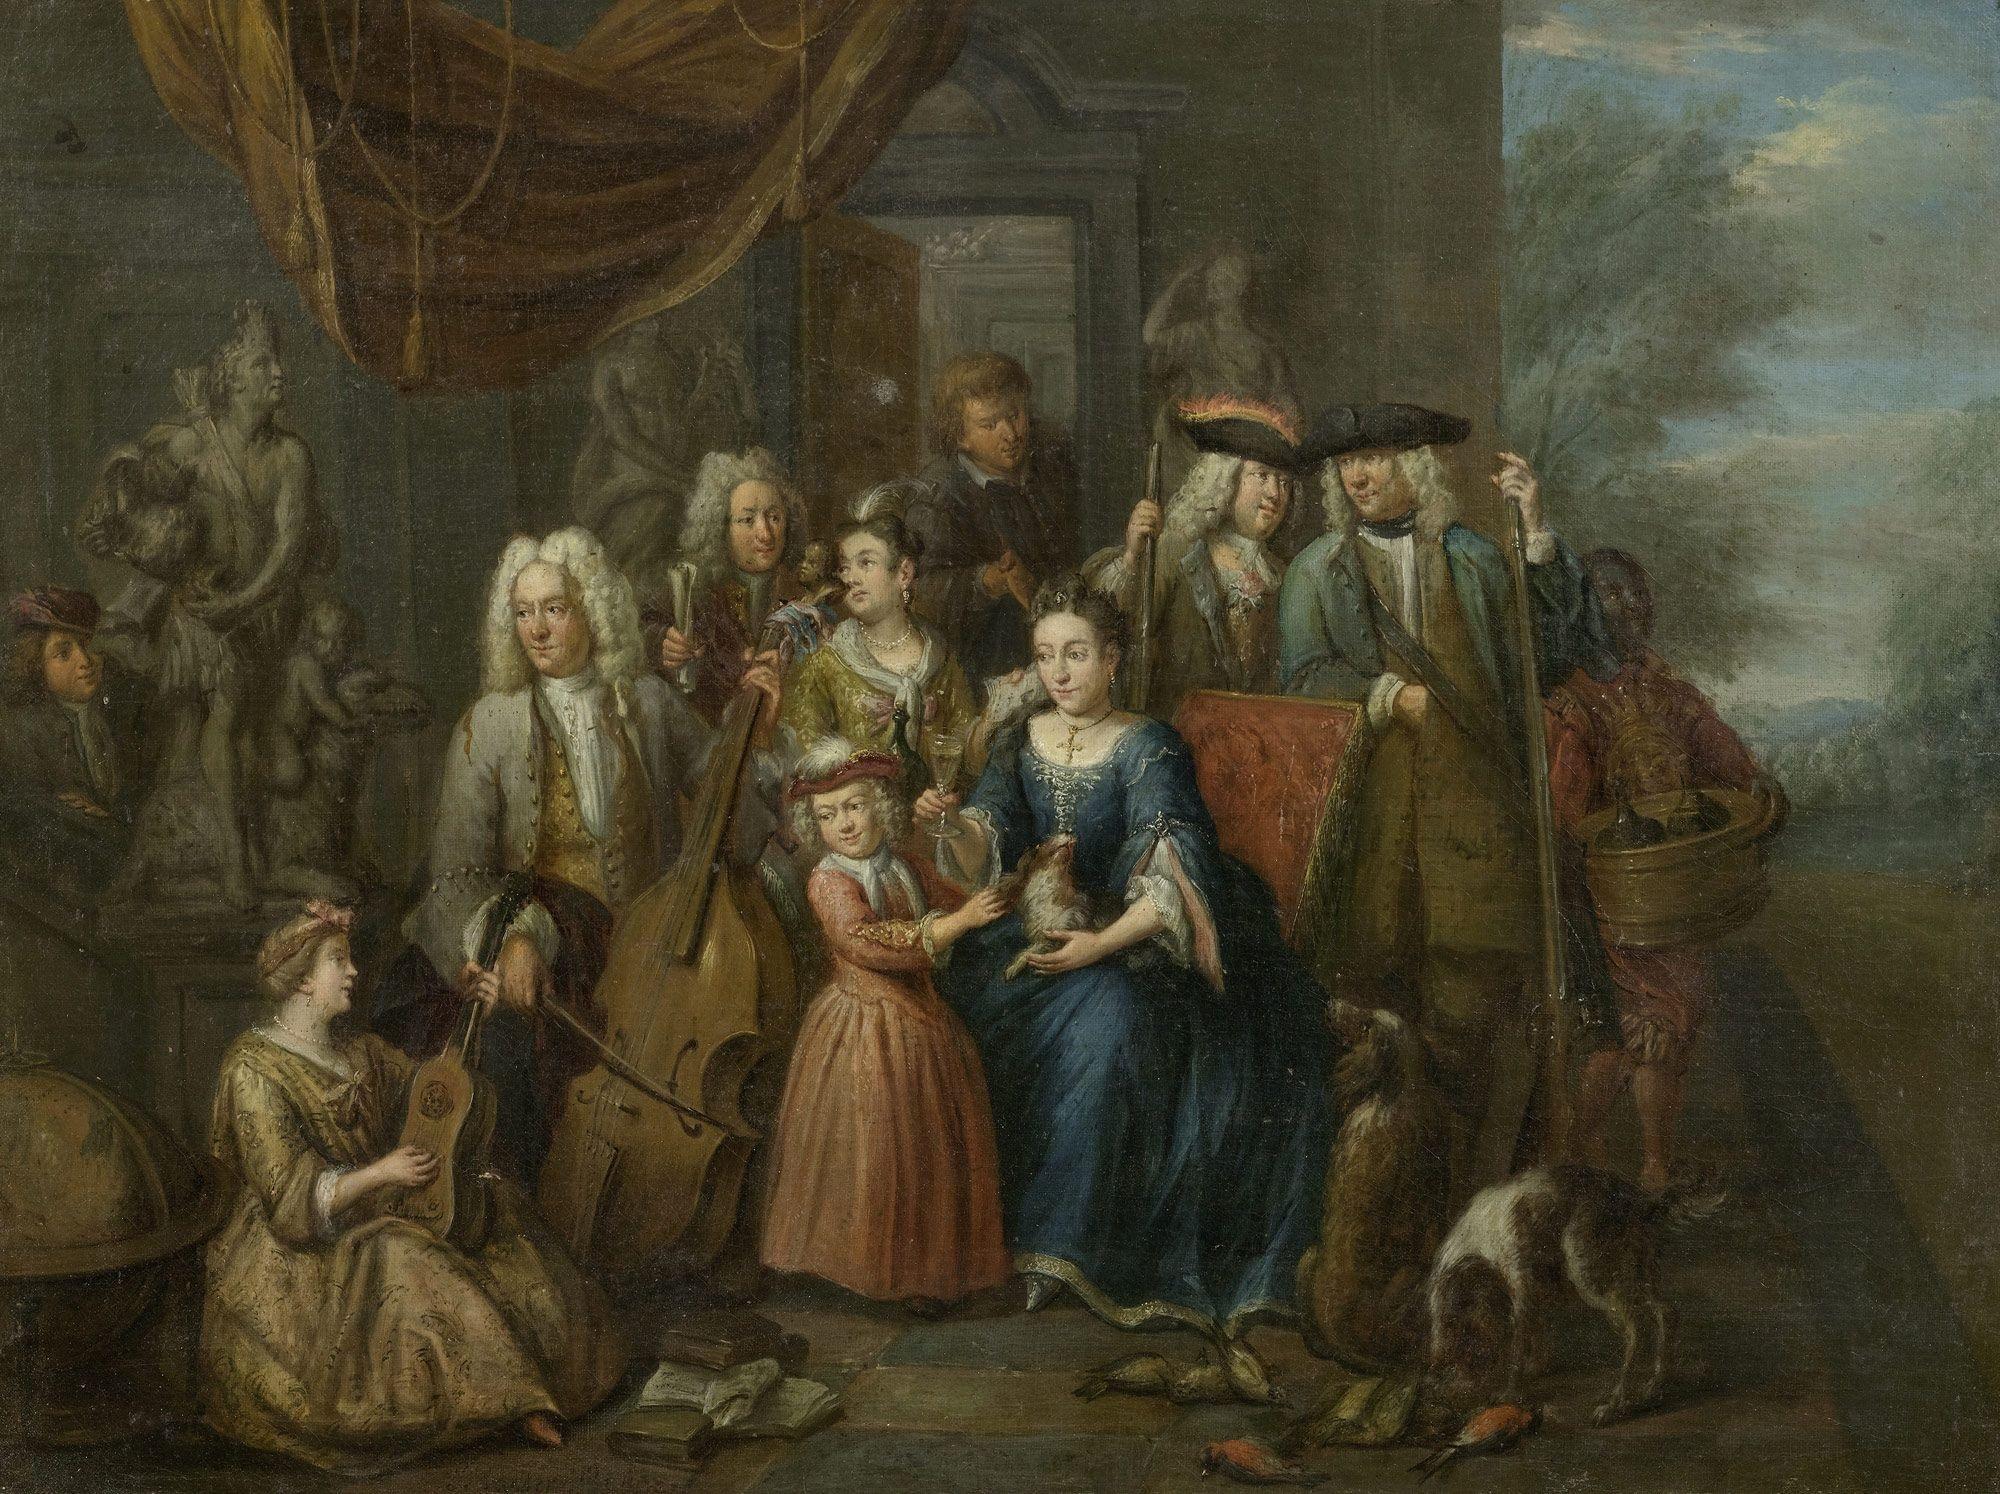 Семейный портрет с охотничьими трофеями и музыкальными инструментами. 59 x 81 см. частная коллекция-2